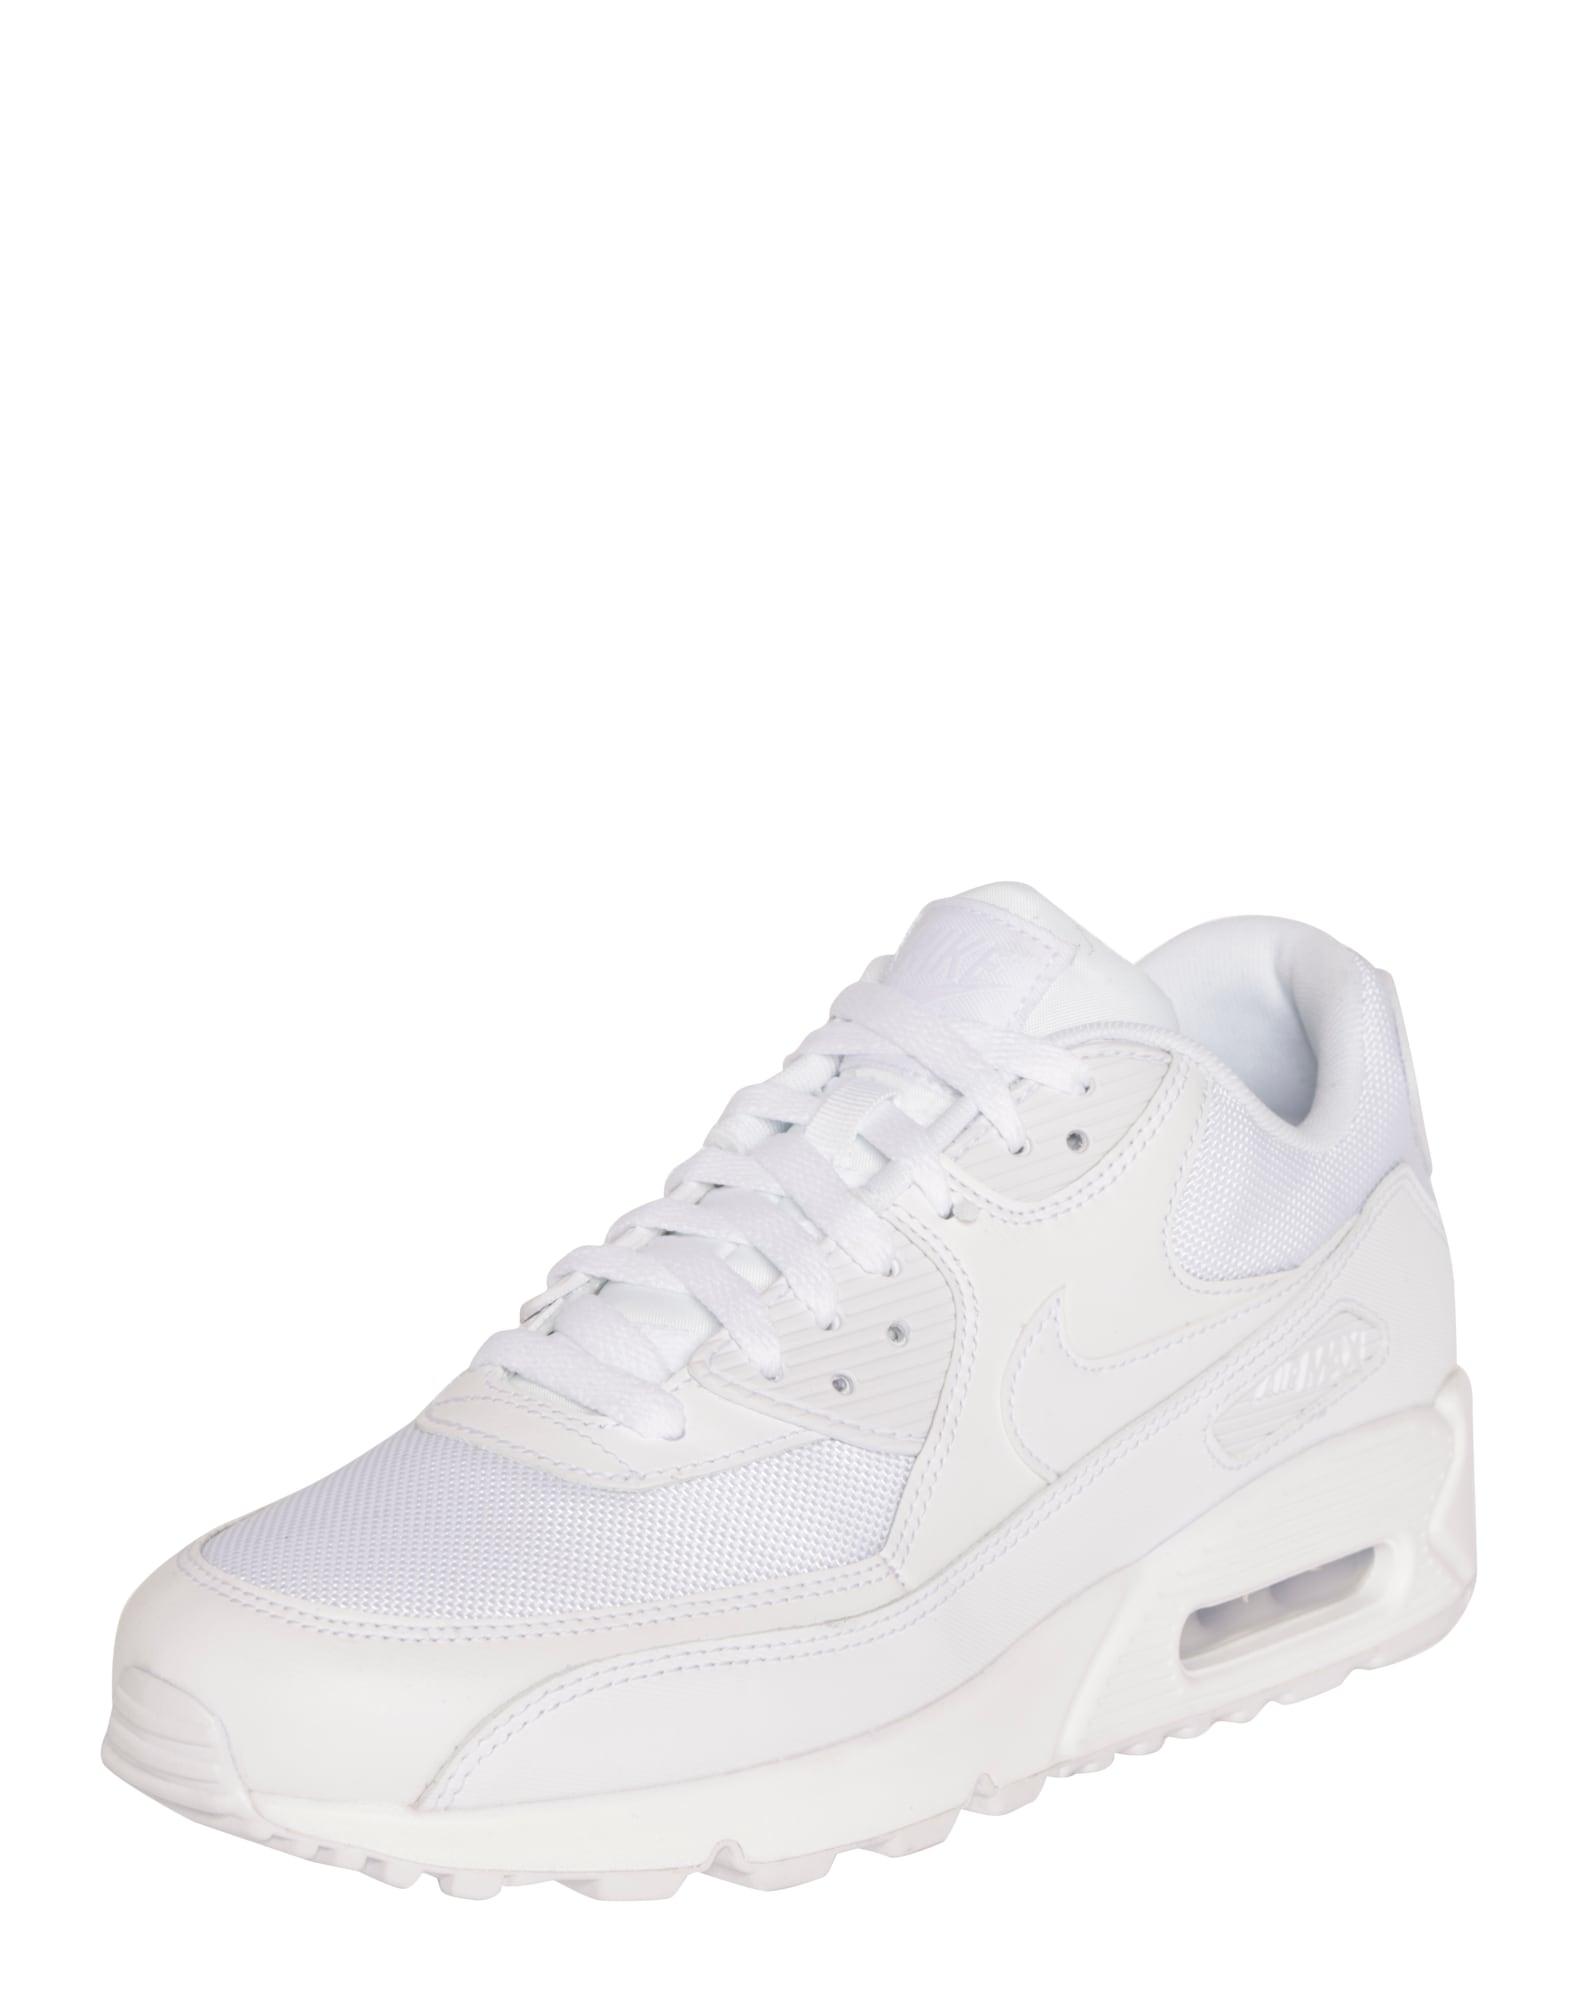 Tenisky Air Max 90 Essential bílá Nike Sportswear